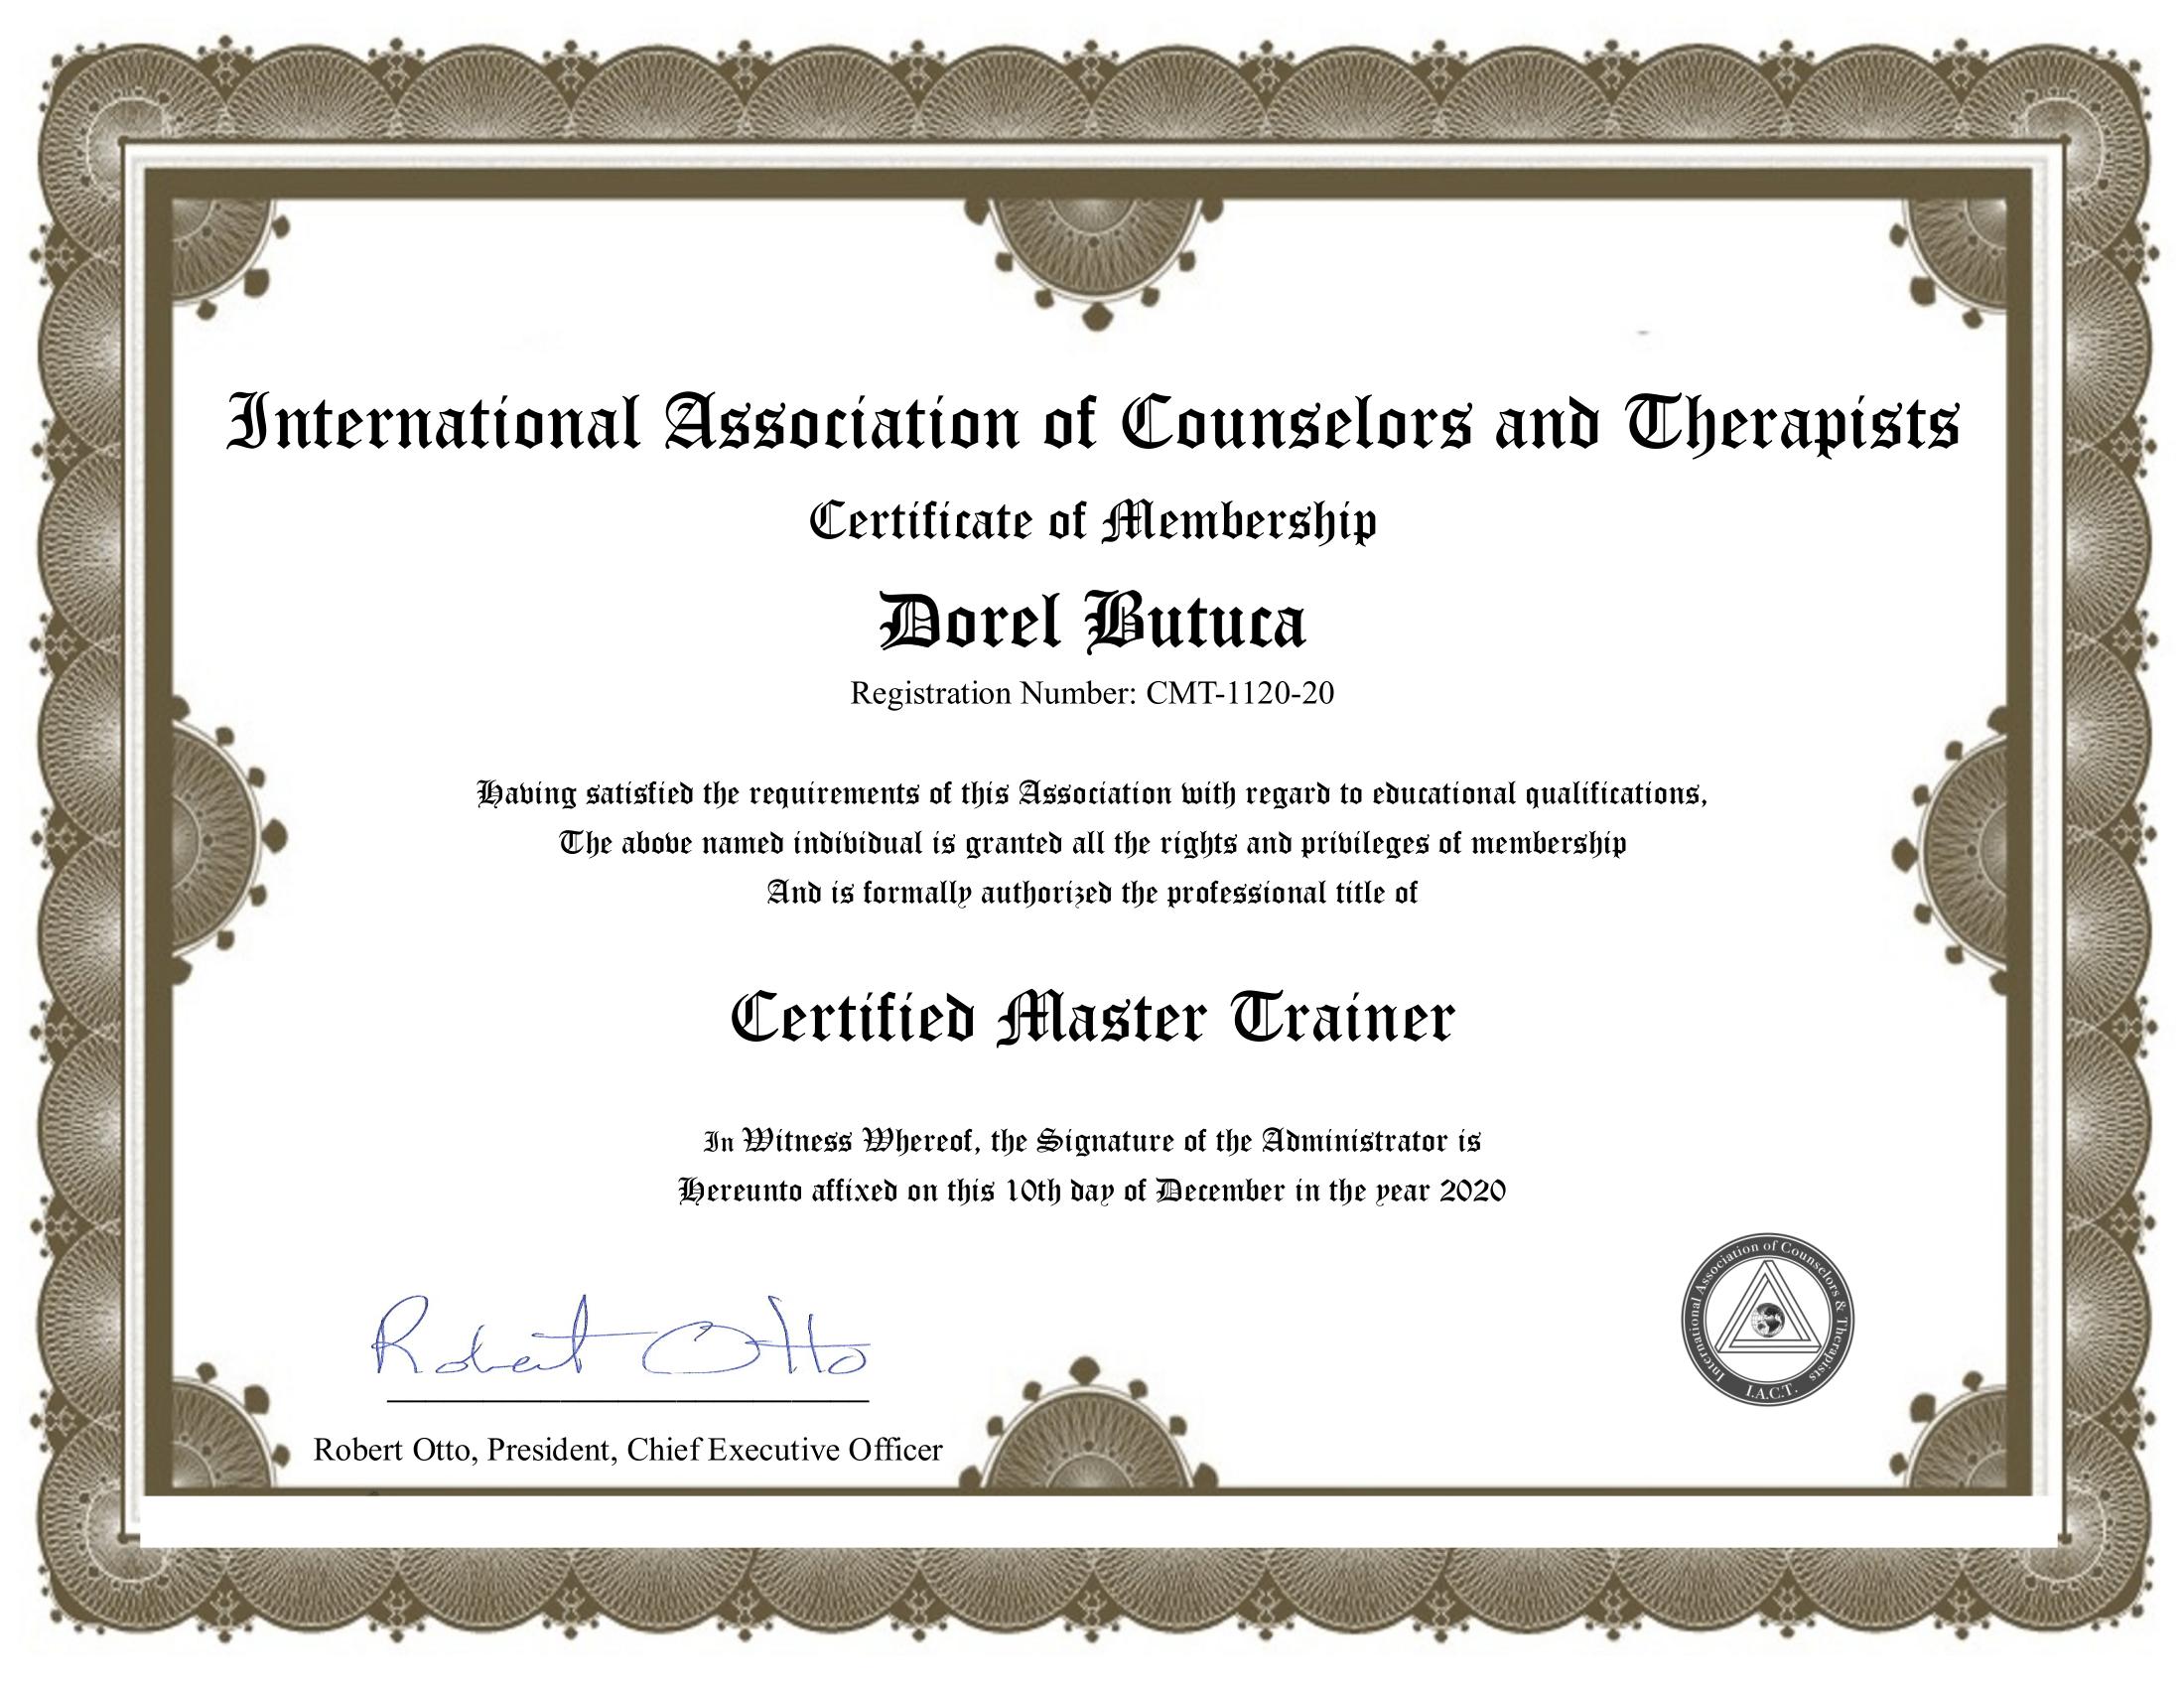 Butuca_IACT Digital Certificate-1